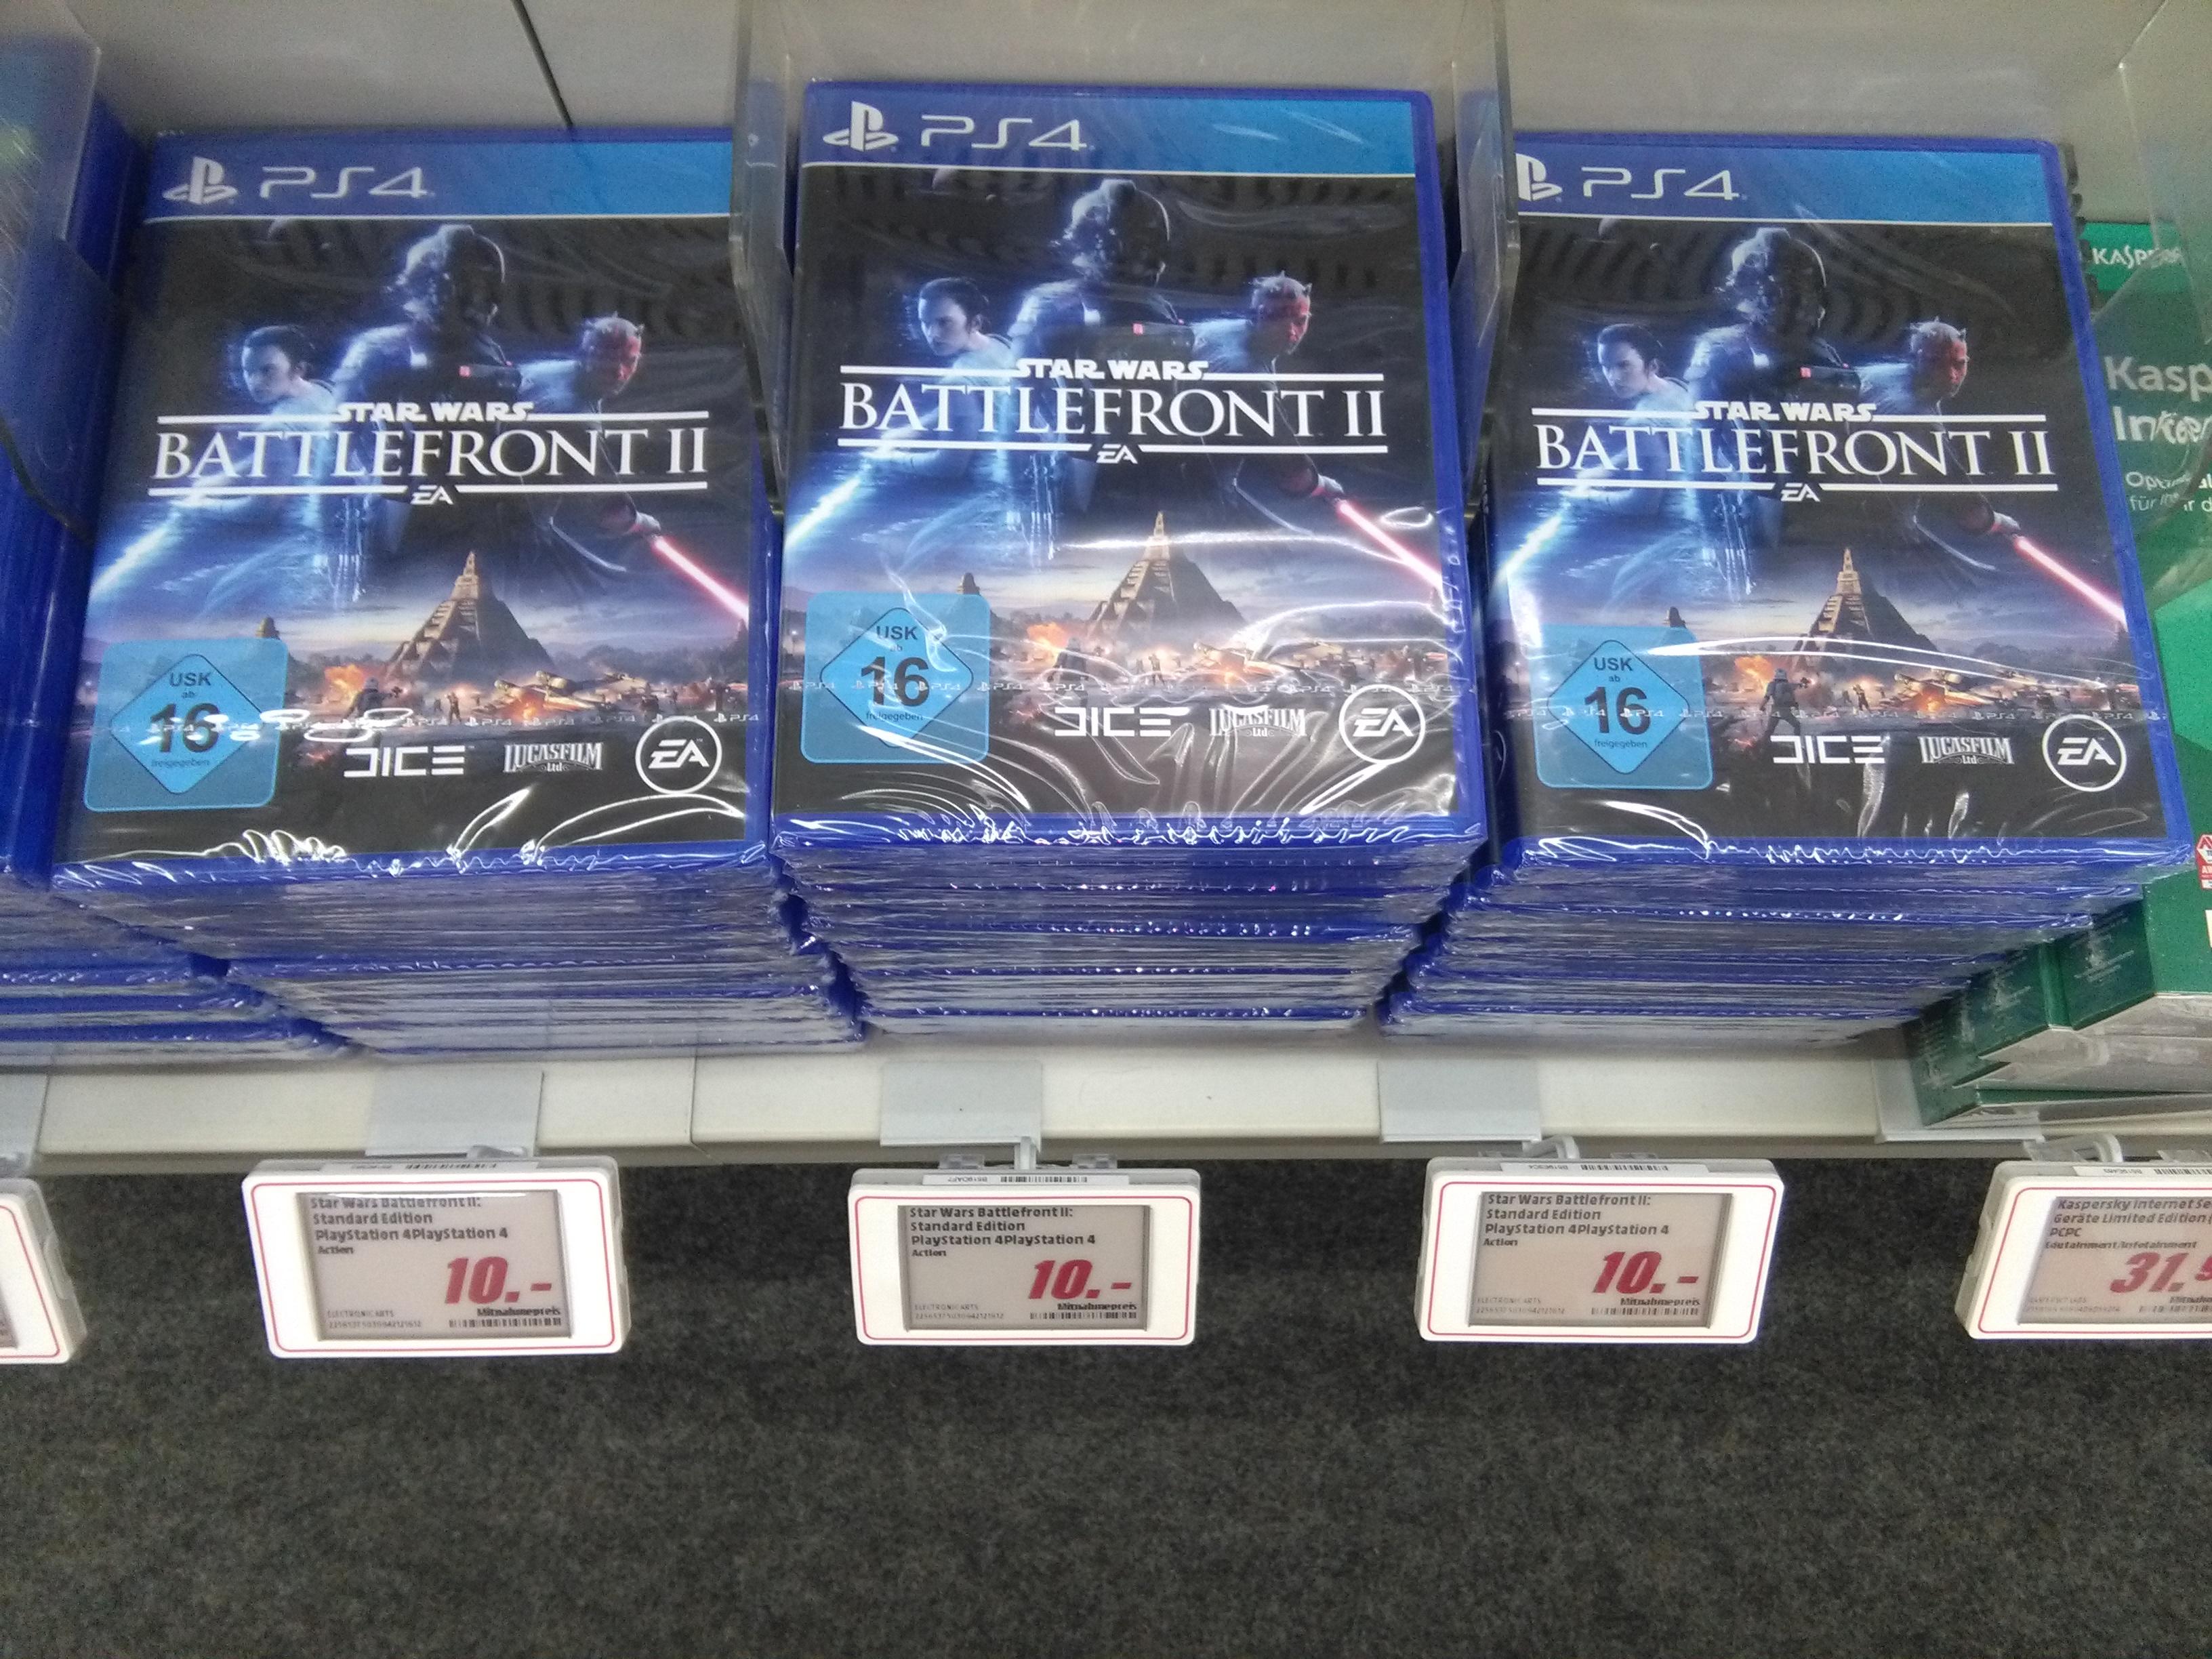 PS4 Star Wars Battlefront 2 in Media Markt Bochum Hofstede